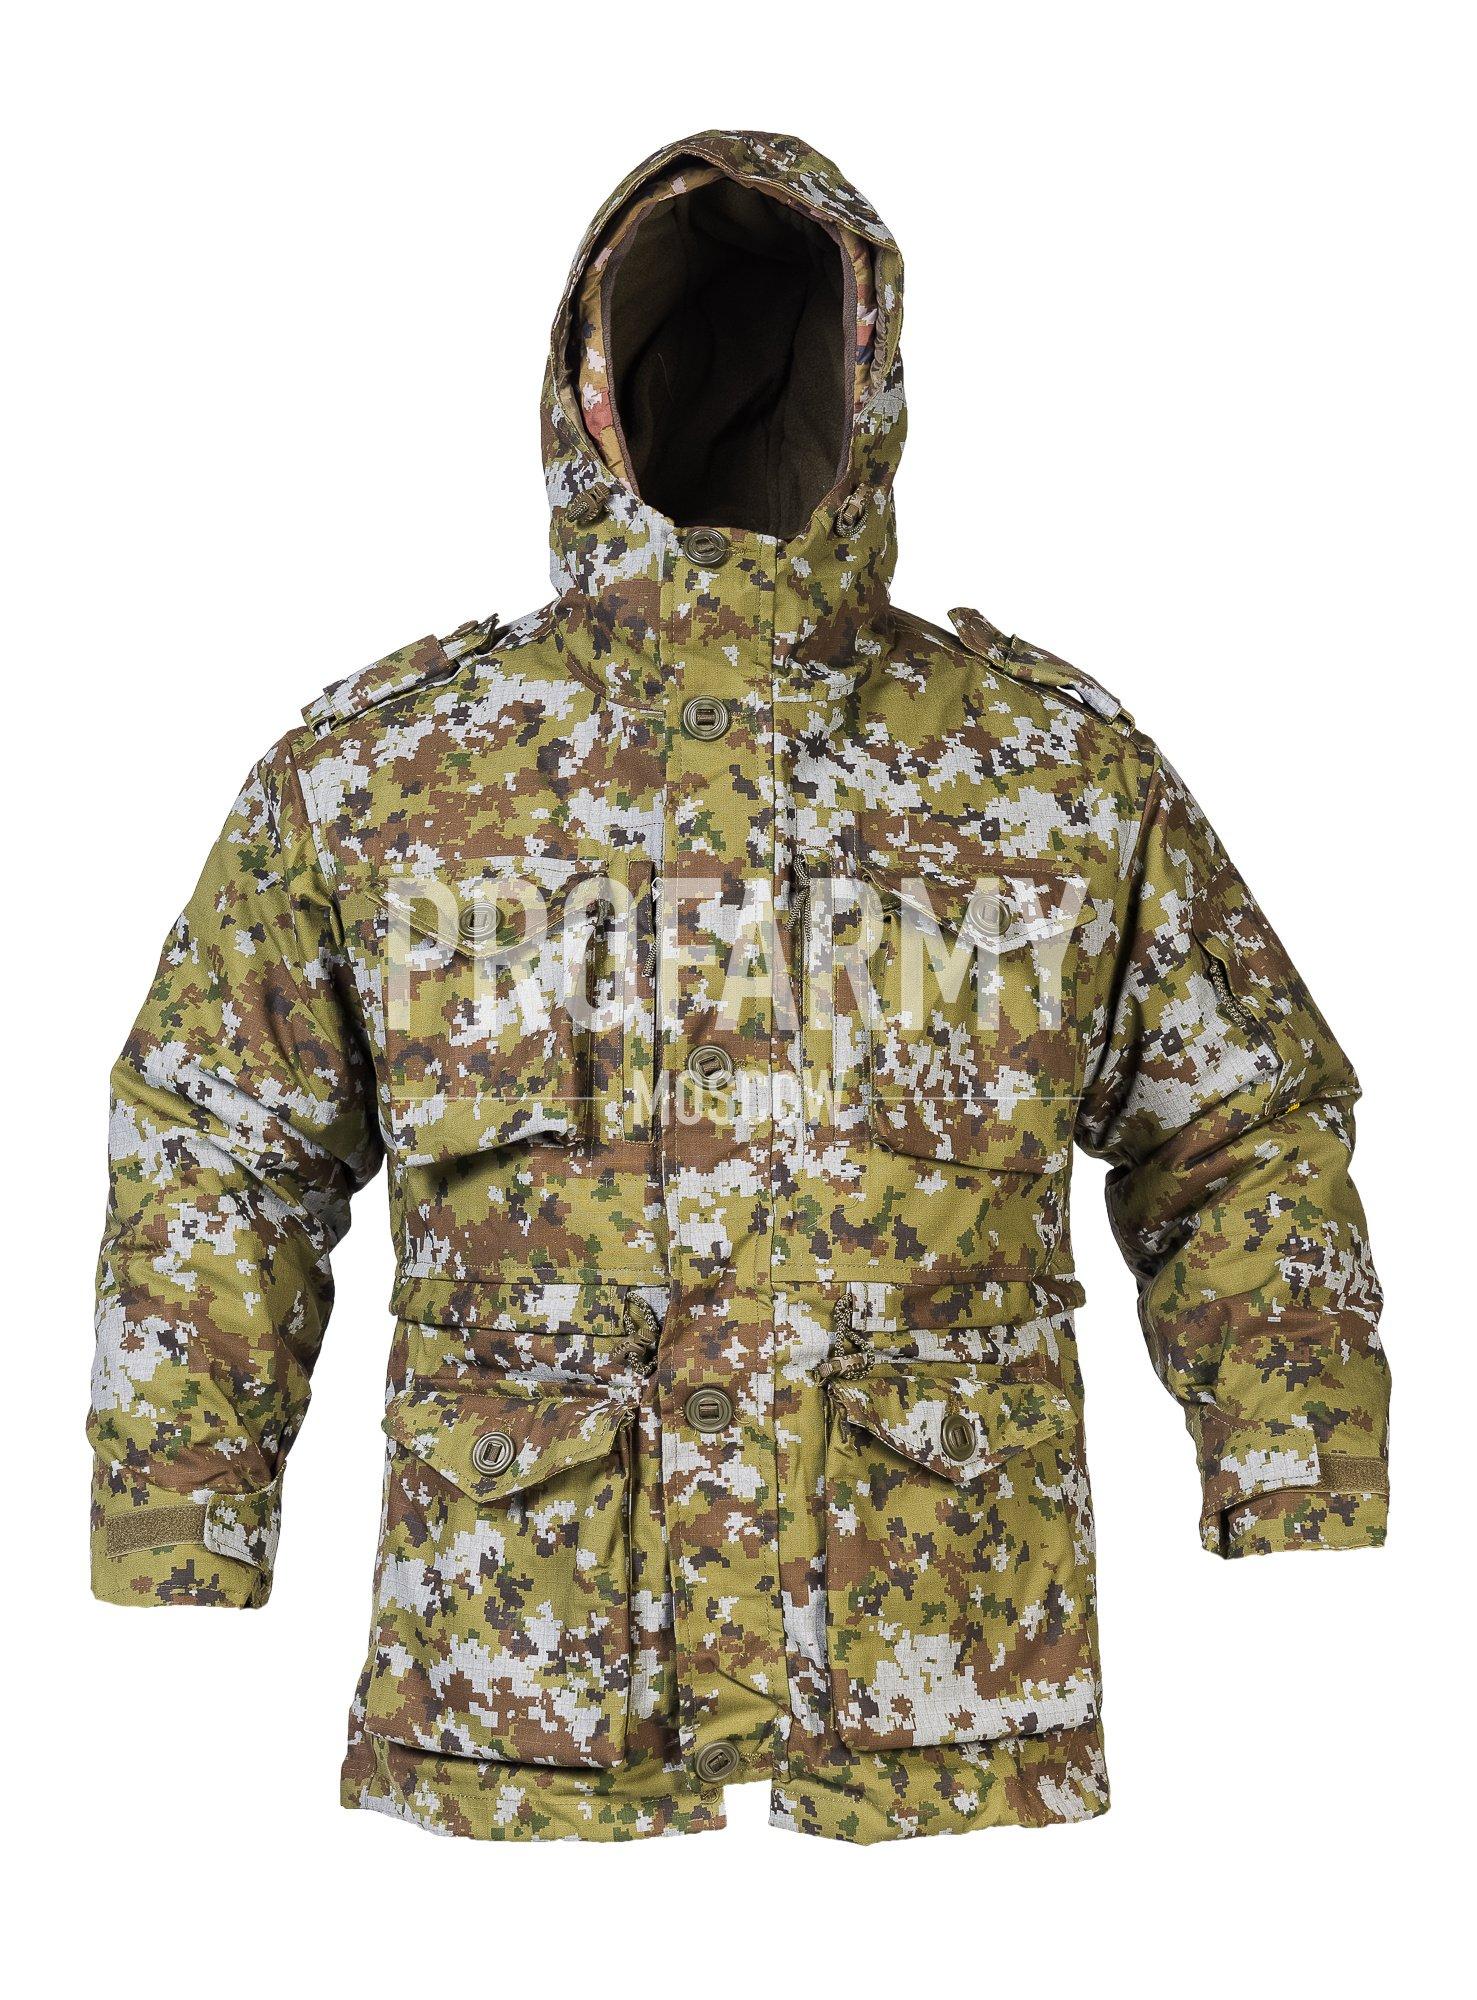 Купить Куртка Смок (новый пограничник) твил, PROFARMY